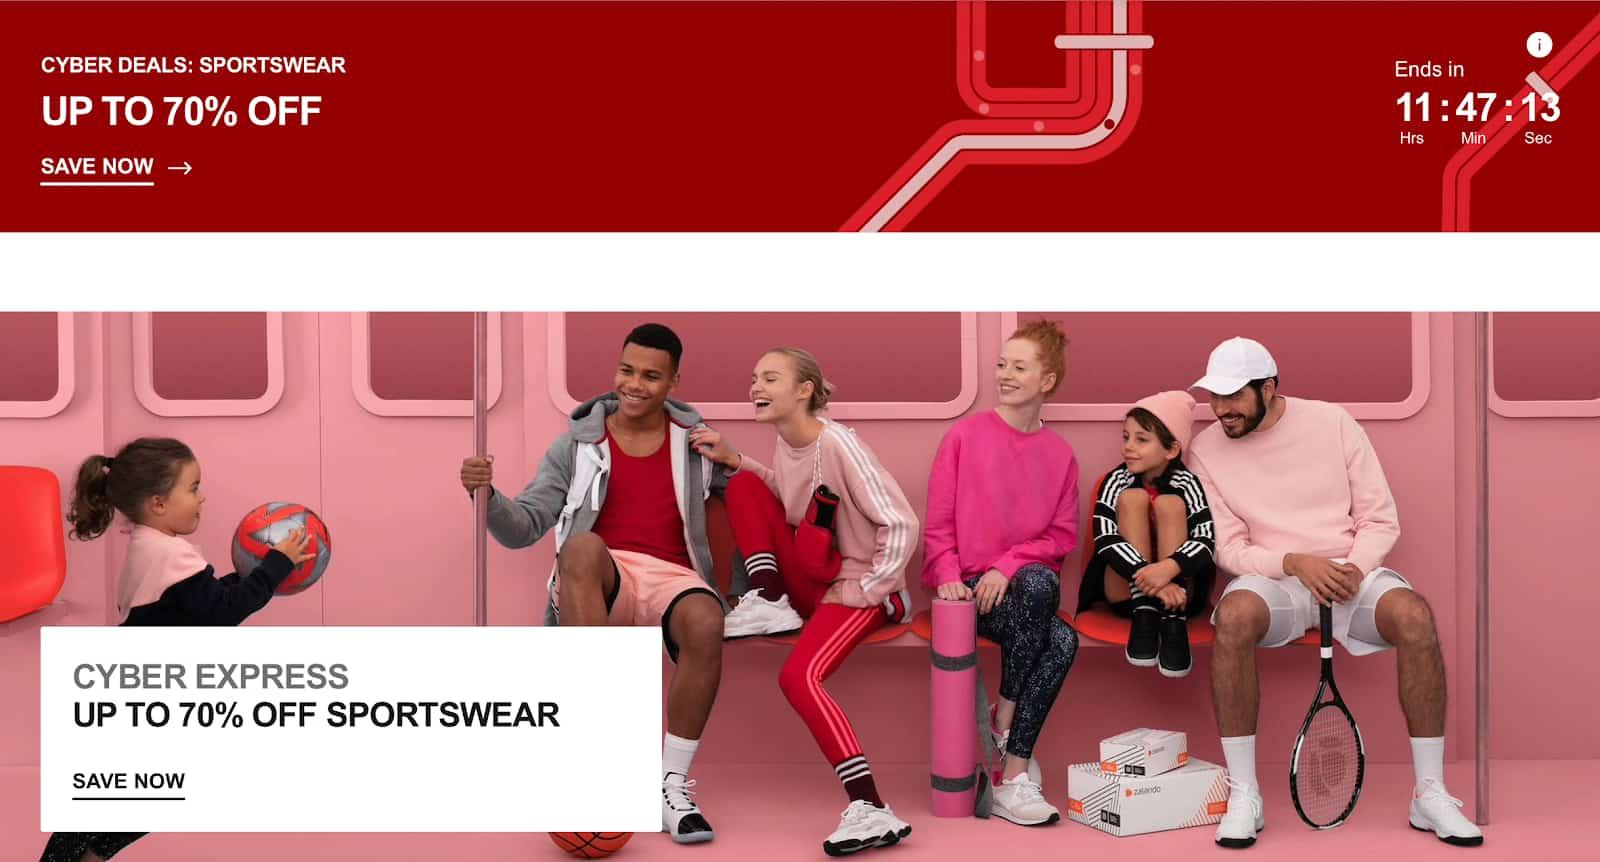 Cyber deals for sportwear